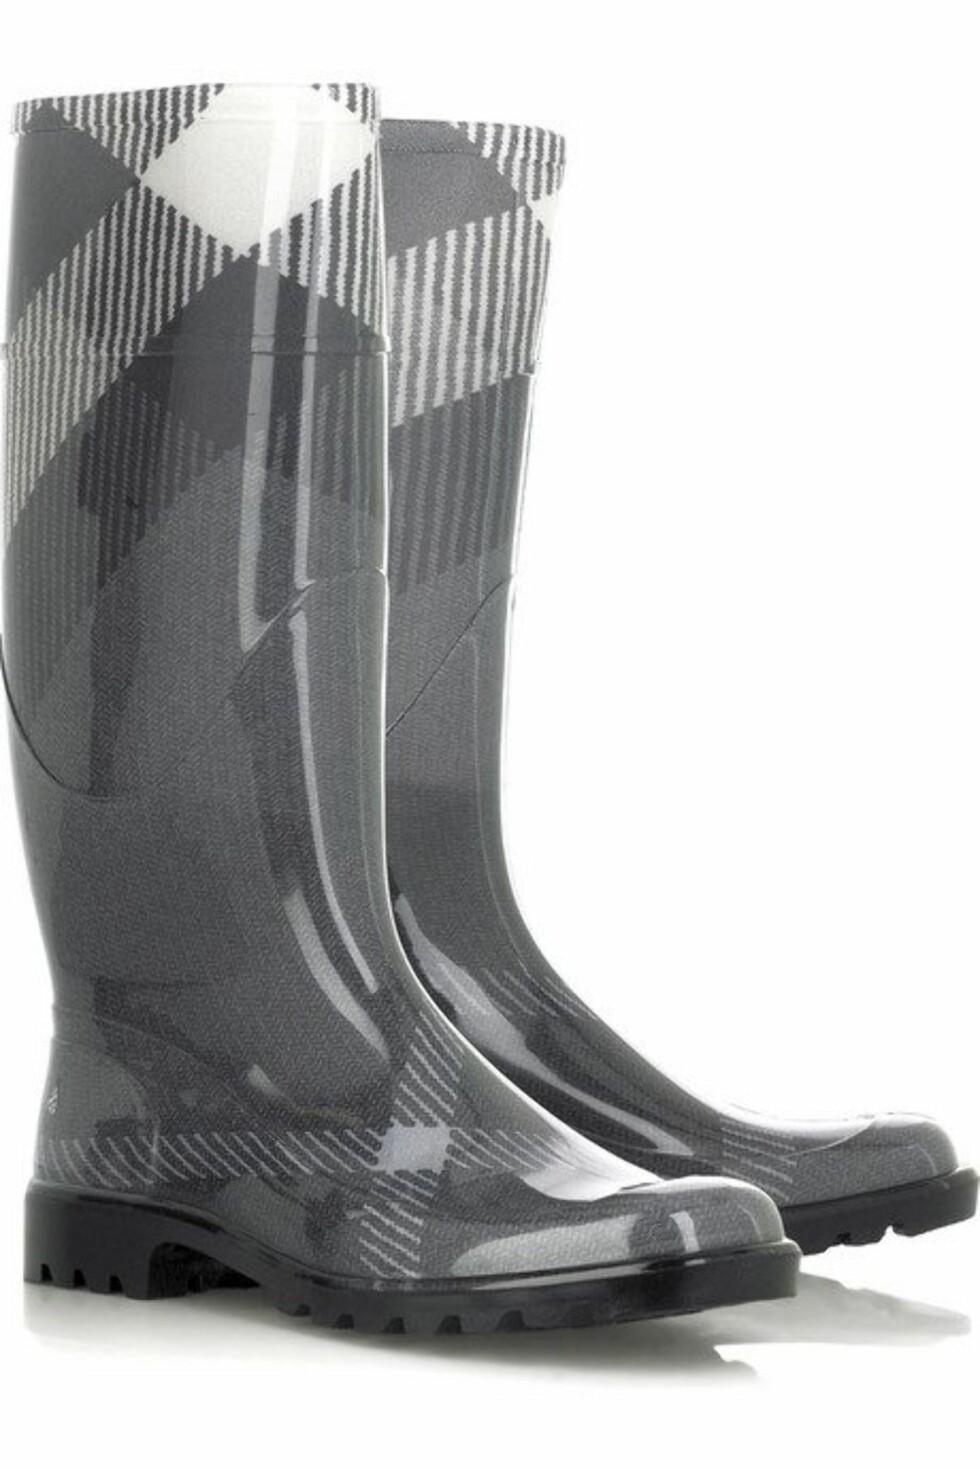 <strong>I GRÅSONEN:</strong> Urbane støvler med ruter (kr 1200, Burberry/Netaporter.com).